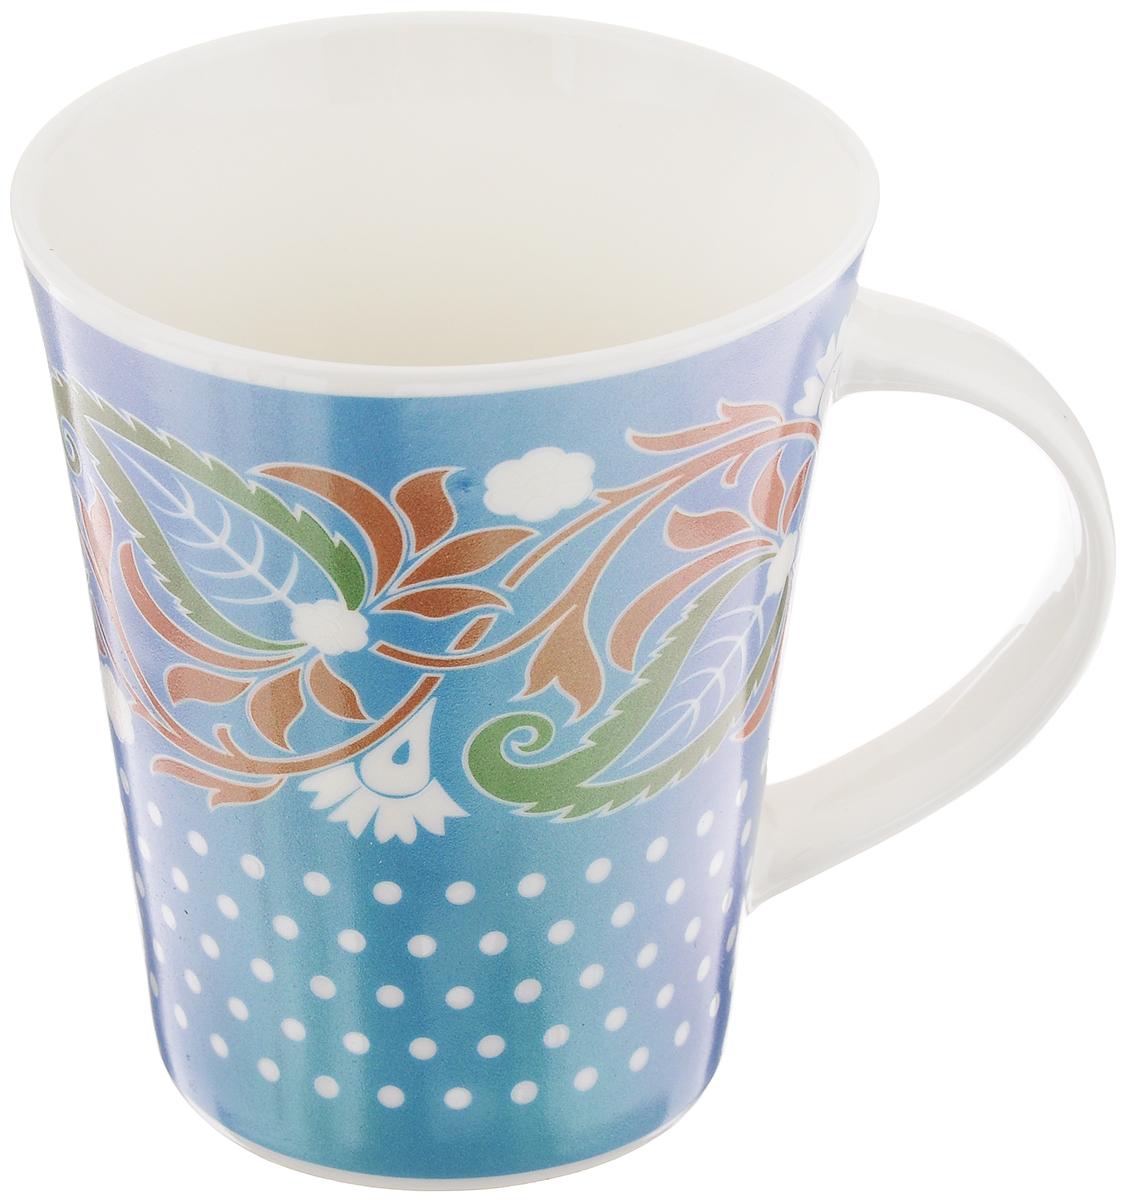 Кружка Miolla Узор 6, цвет: голубой, белый, зеленый, 380 мл2010057U-2Кружка Miolla Узор 6 изготовлена из высококачественного фарфора, покрытой слоем глазури, и оформлена красивым рисунком. Такая кружка станет неизменным атрибутом чаепития, подойдет как для офиса, так и для дома. Подходит для использования в микроволновой печи и посудомоечной машине. Диаметр (по верхнему краю): 9 см.